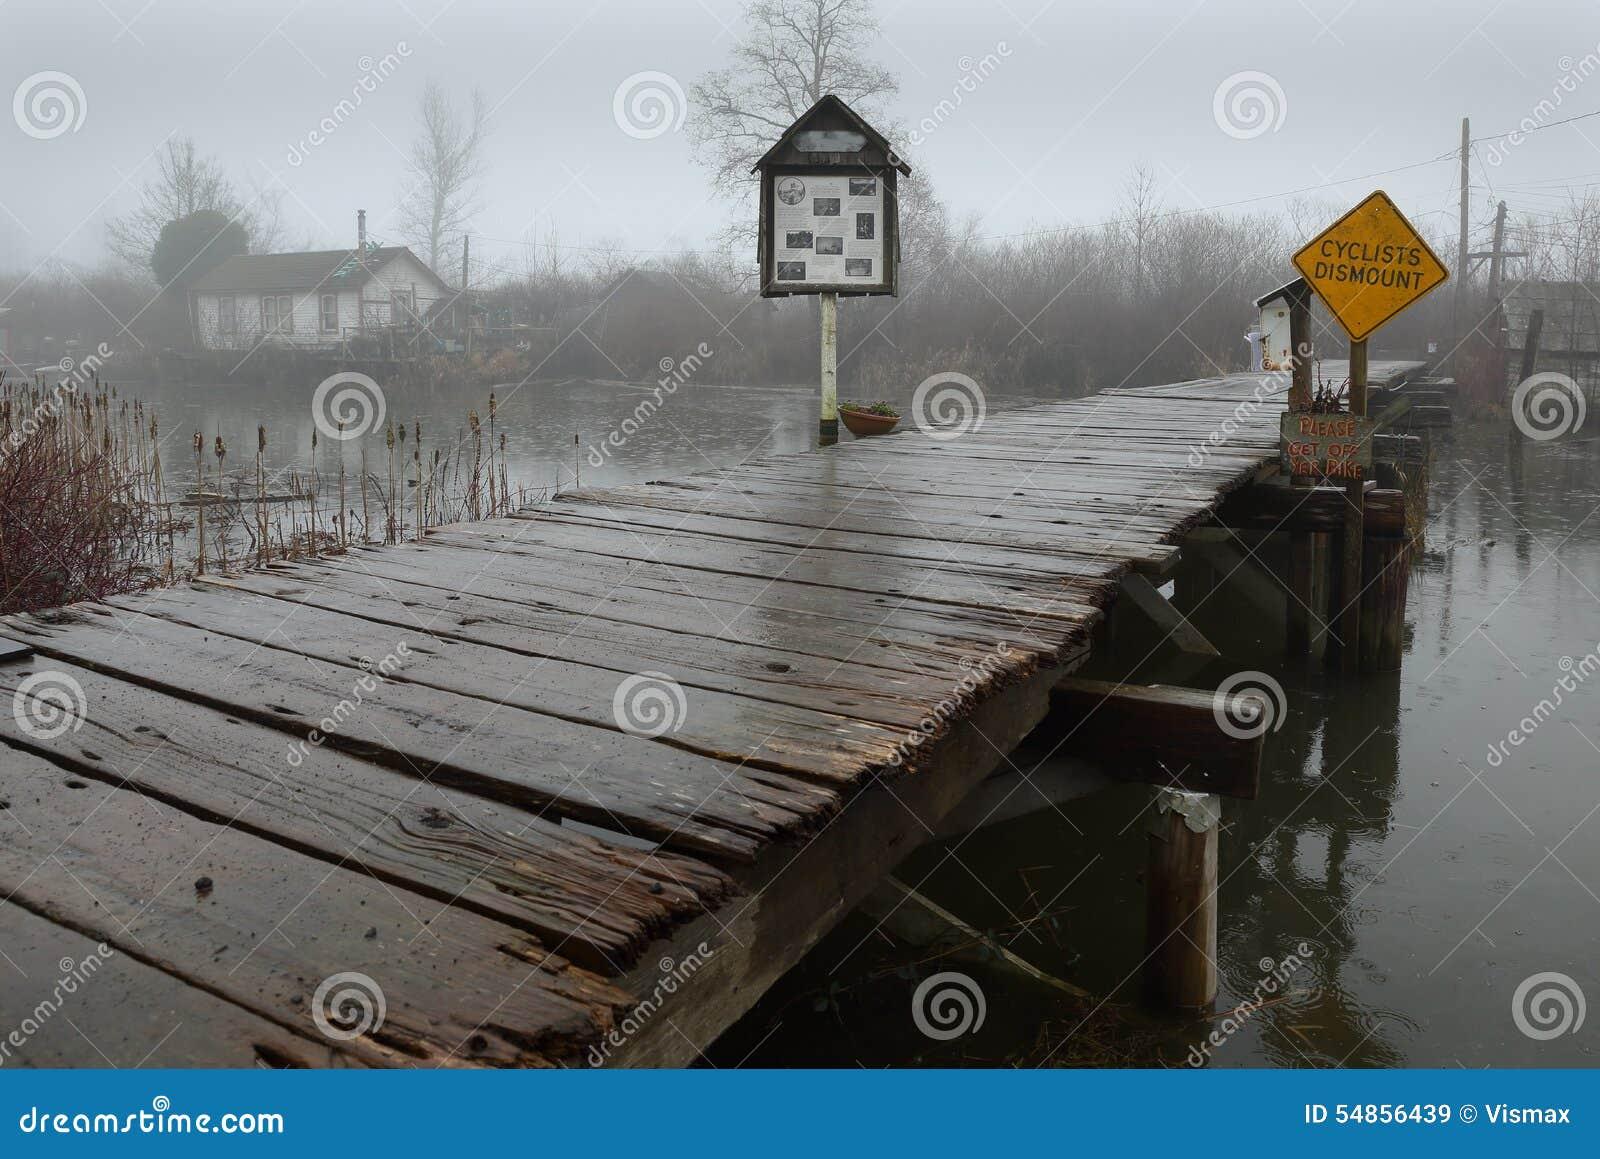 Pioggia persistente, Finn Slough, Richmond, BC